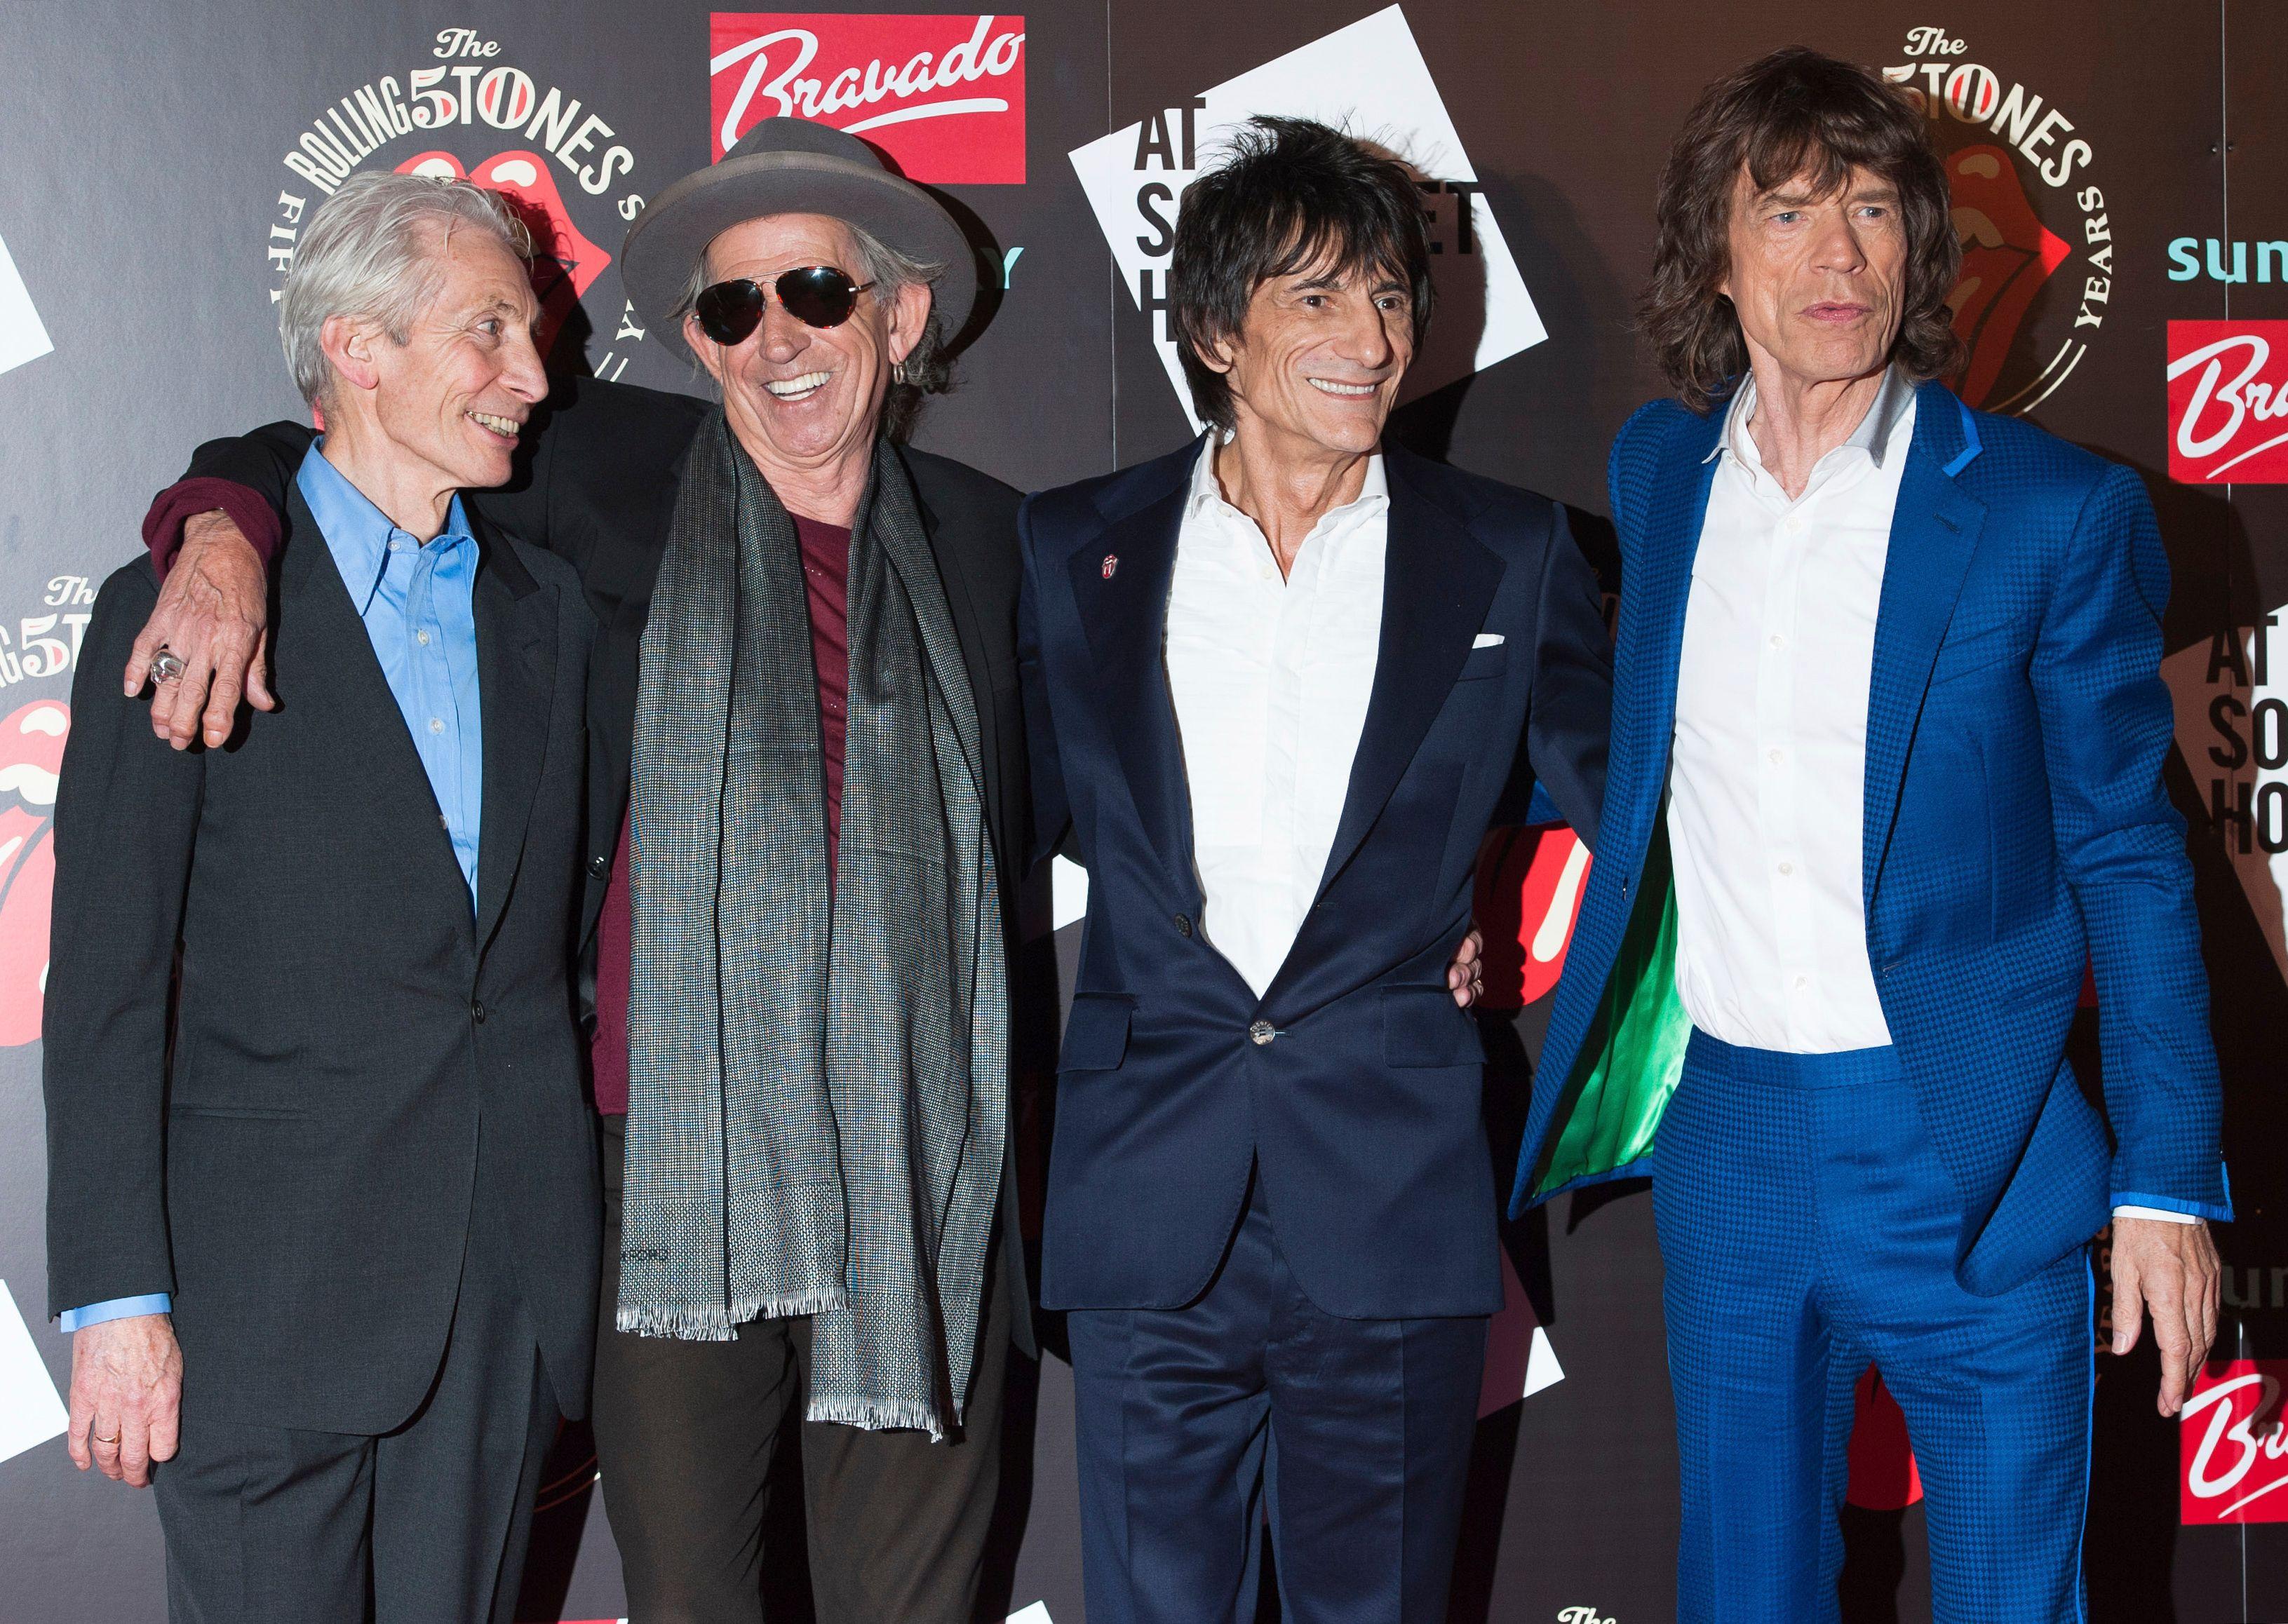 Les Rolling Stones vont sortir un nouvel album studio, le premier depuis onze ans